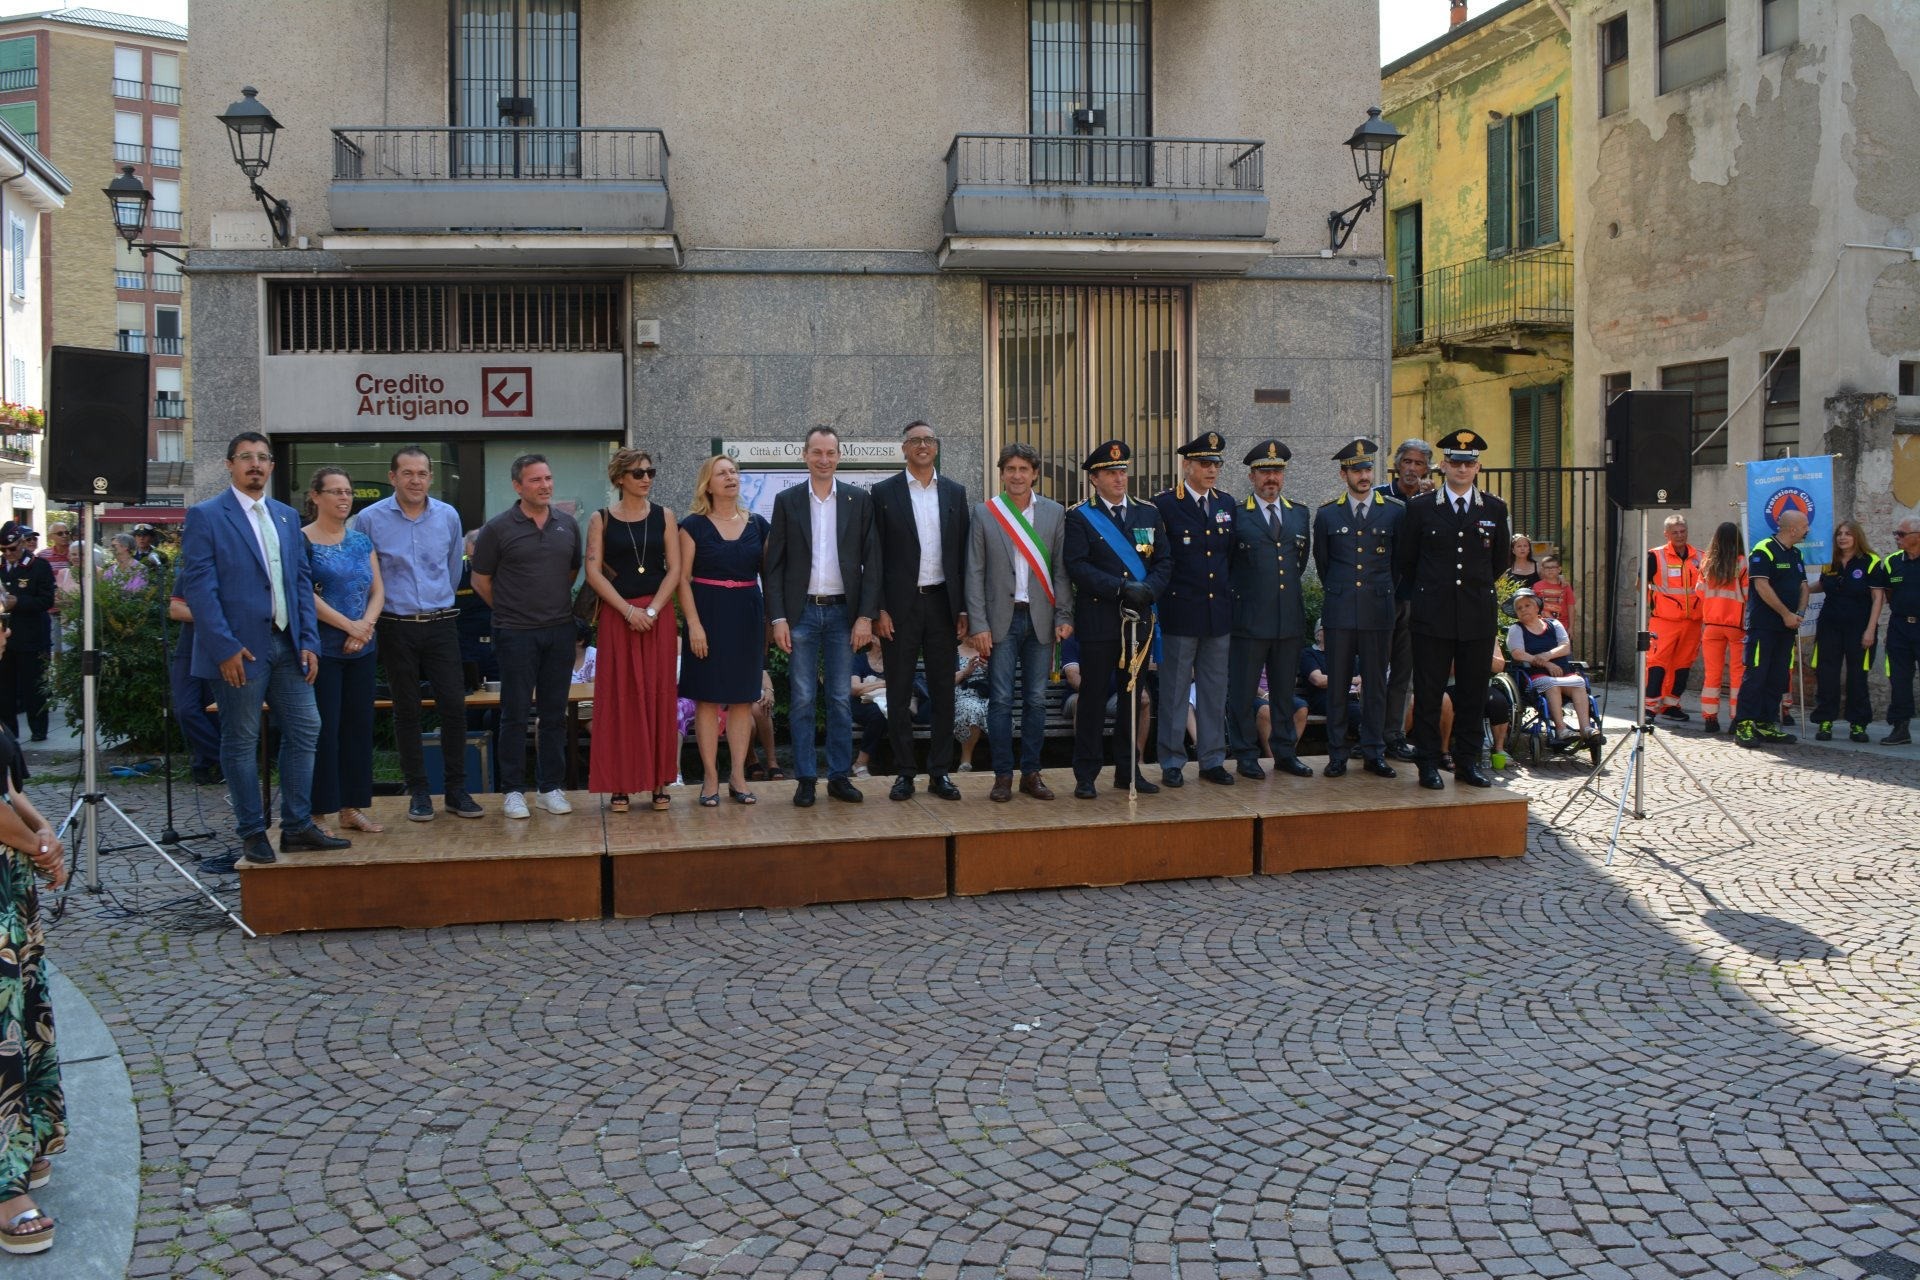 Cologno Monzese evento insieme per la sicurezza forze dell'ordine e associazioni in piazza XI febbraio